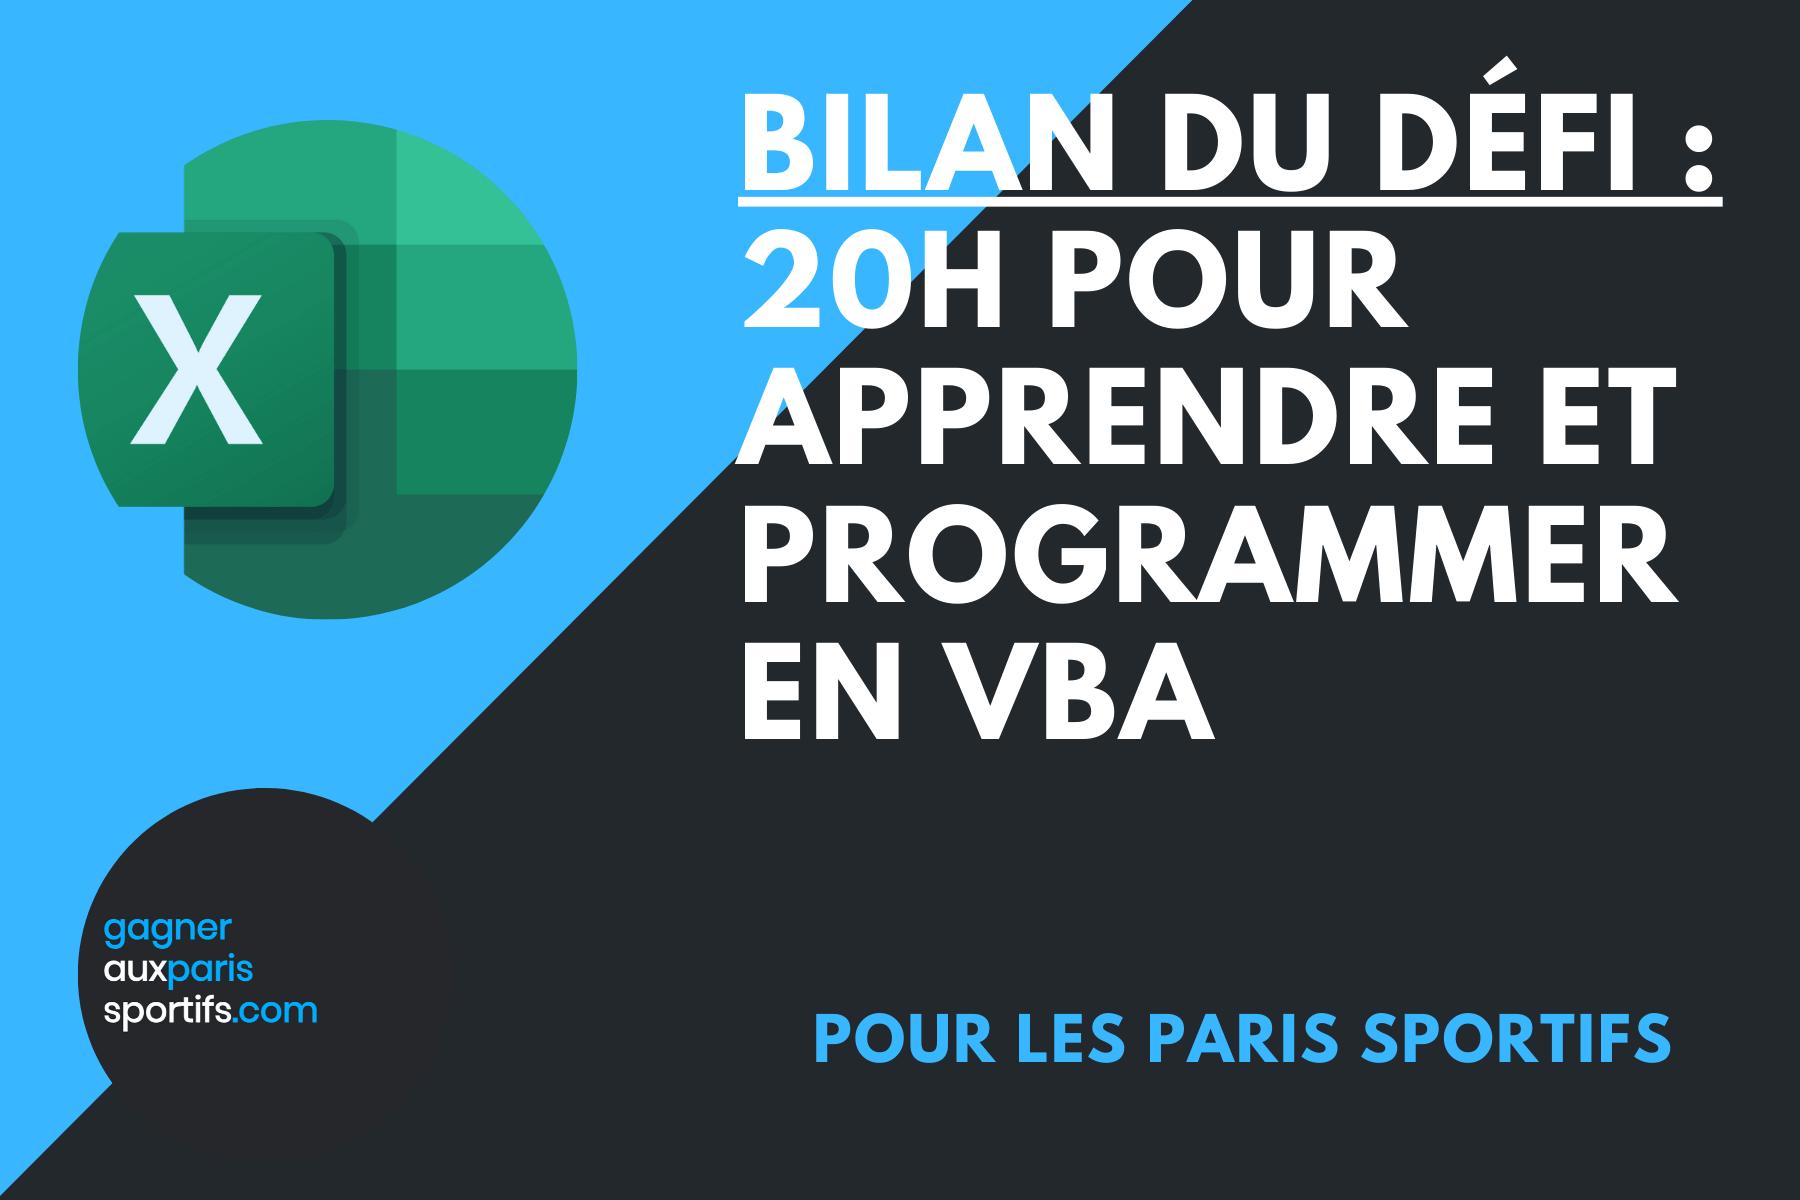 Défi _ 20h pour apprendre et programmer en VBA (bilan du défi)